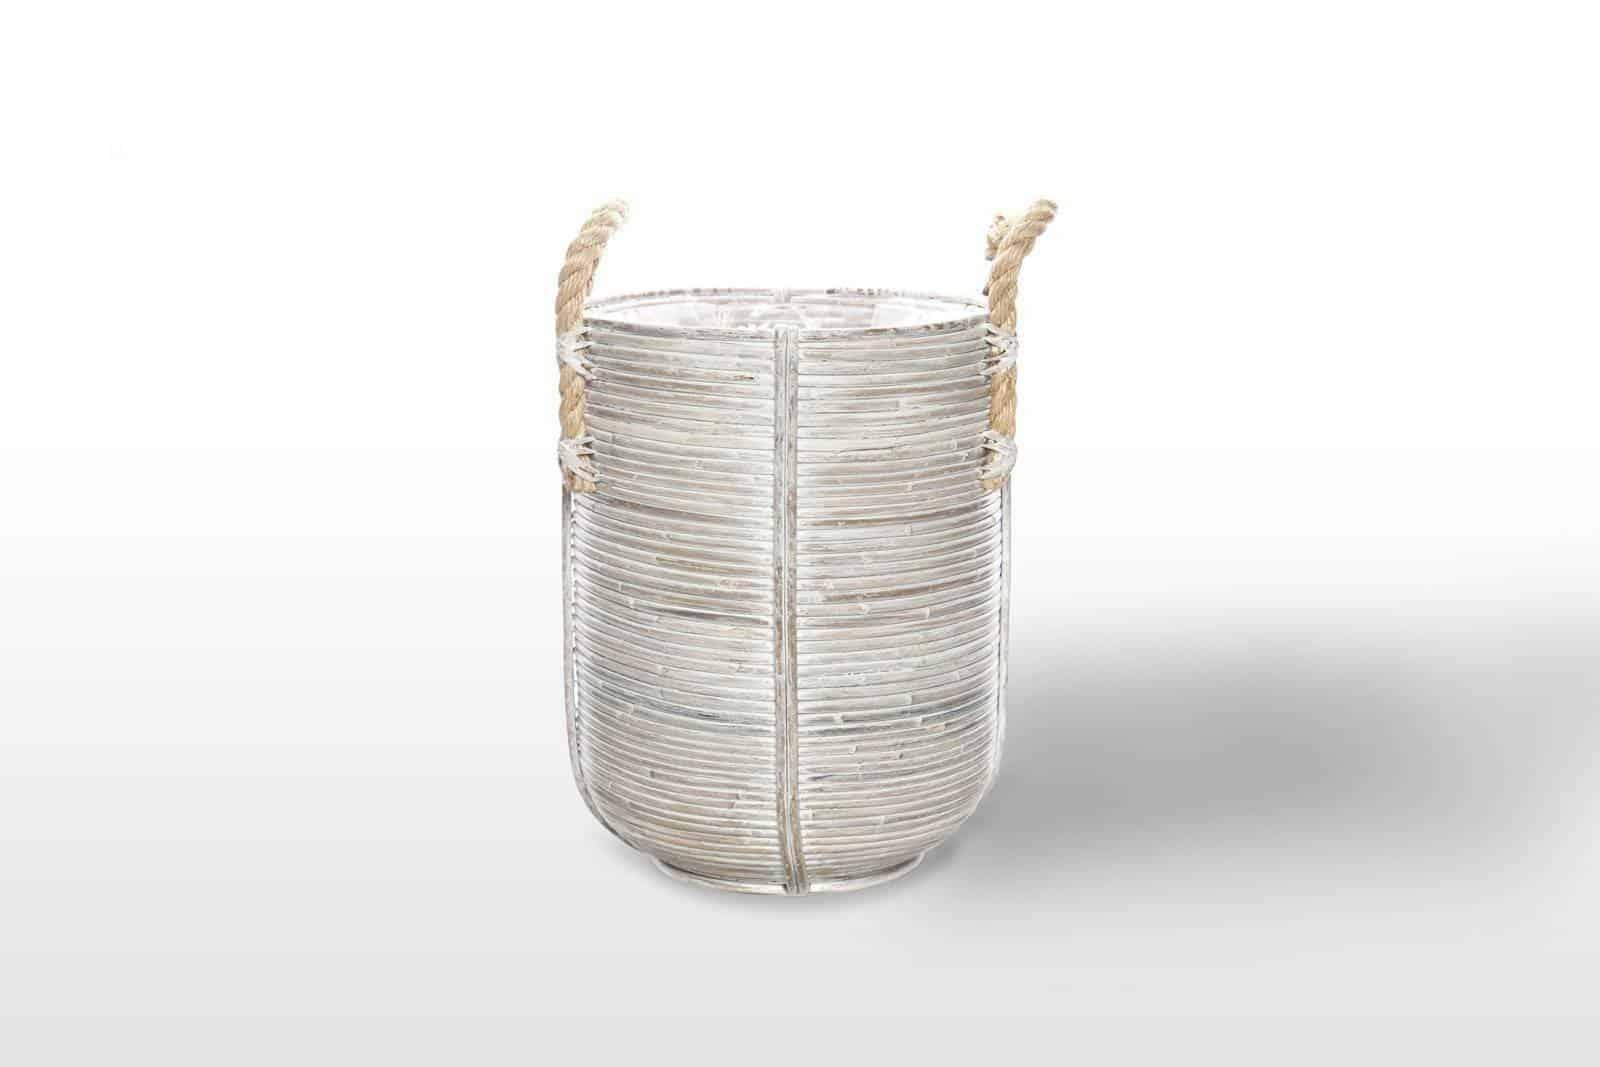 Kosz rattanowy AMIENS ⌀35cm x wys. 45cm white